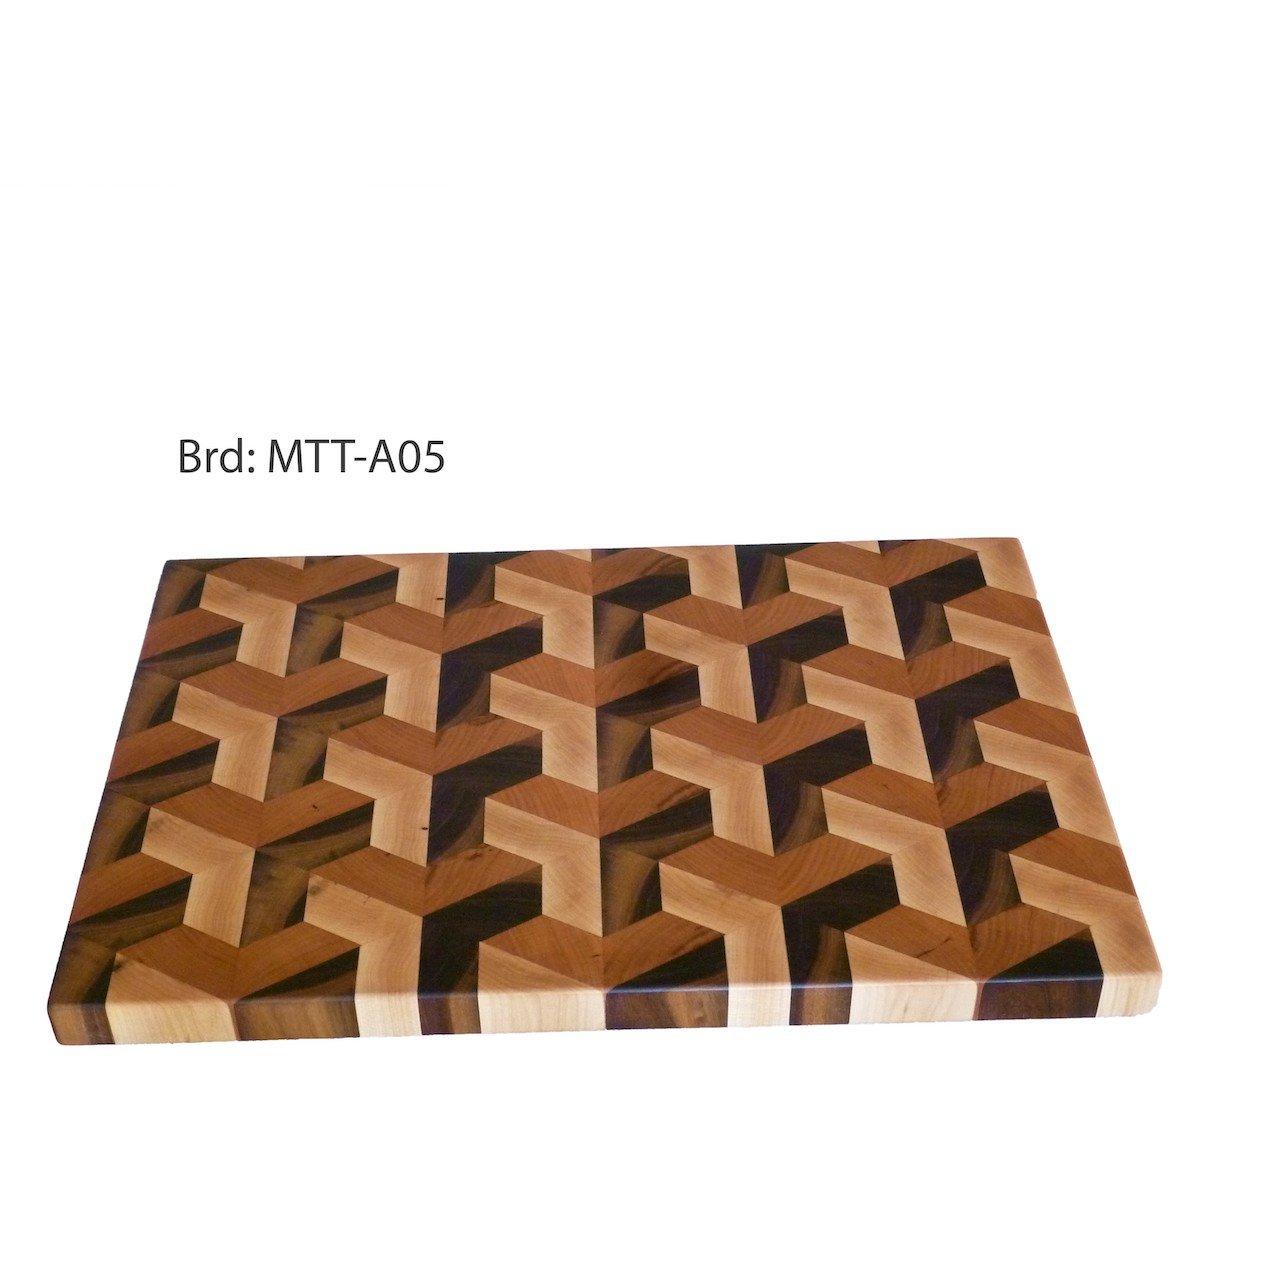 MTTT-A05